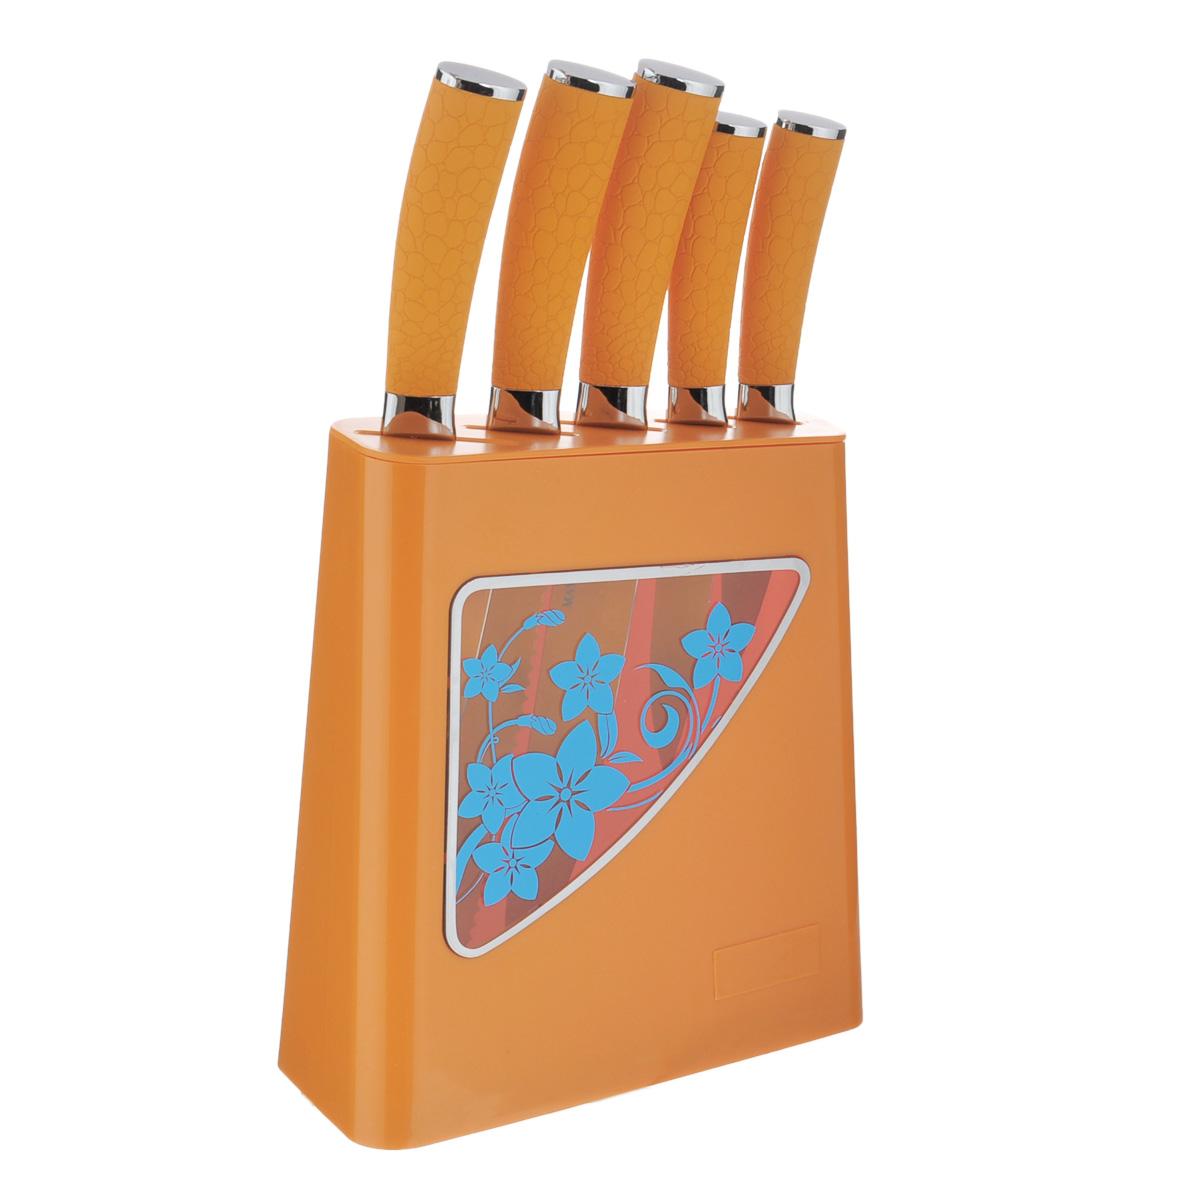 Набор ножей Mayer & Boch, 6 предметов. 2413124131Набор ножей Mayer & Boch состоит из 5 ножей и подставки. Ножи выполнены из нержавеющей стали, ручки из термопластика. Удобная подставка из полипропилена поможет хранить ножи в одном месте. Оригинальный набор ножей великолепно украсит интерьер кухни и станет замечательным помощником. Можно мыть в посудомоечной машине. Длина лезвия поварского ножа: 20,3 см. Общая длина поварского ножа: 33 см. Длина лезвия хлебного ножа: 20,3 см. Общая длина хлебного ножа: 33 см. Длина лезвия разделочного ножа: 20,3 см. Общая длина разделочного ножа: 33 см. Длина лезвия универсального ножа: 12,7 см. Общая длина универсального ножа: 24 см. Длина лезвия ножа для очистки: 8,9 см. Общая длина ножа для очистки: 20 см. Размер подставки (ДхШхВ): 20 см х 10 см х 24 см.